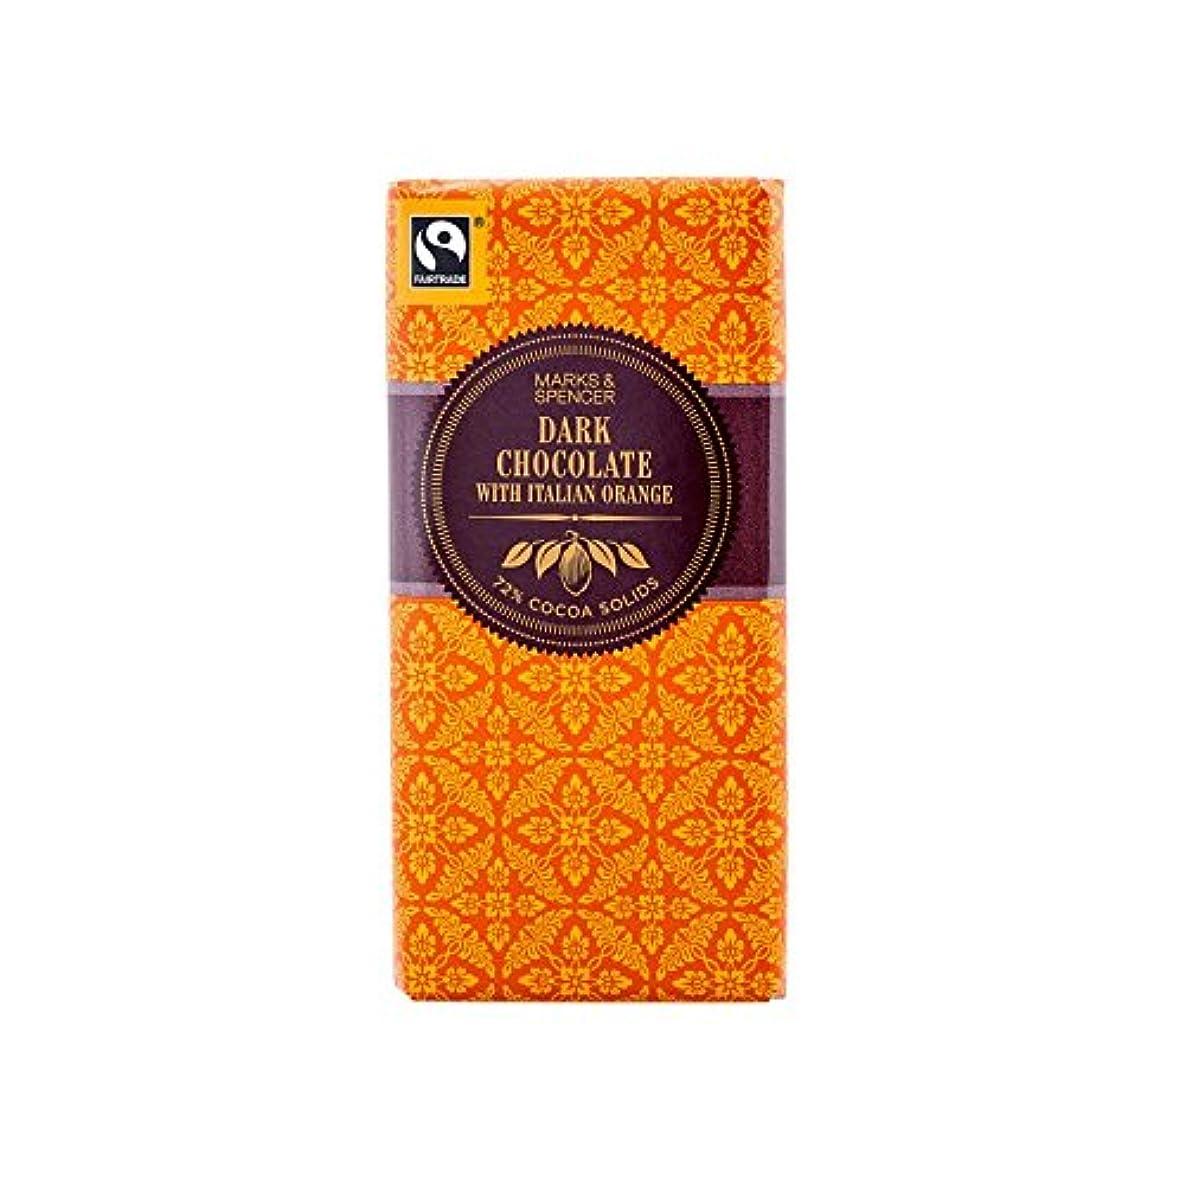 文明化手足明確な(Marks & Spencer (マークス&スペンサー)) イタリアのオレンジ色の100グラムとダークチョコレート (x6) - Marks & Spencer Dark Chocolate With Italian...